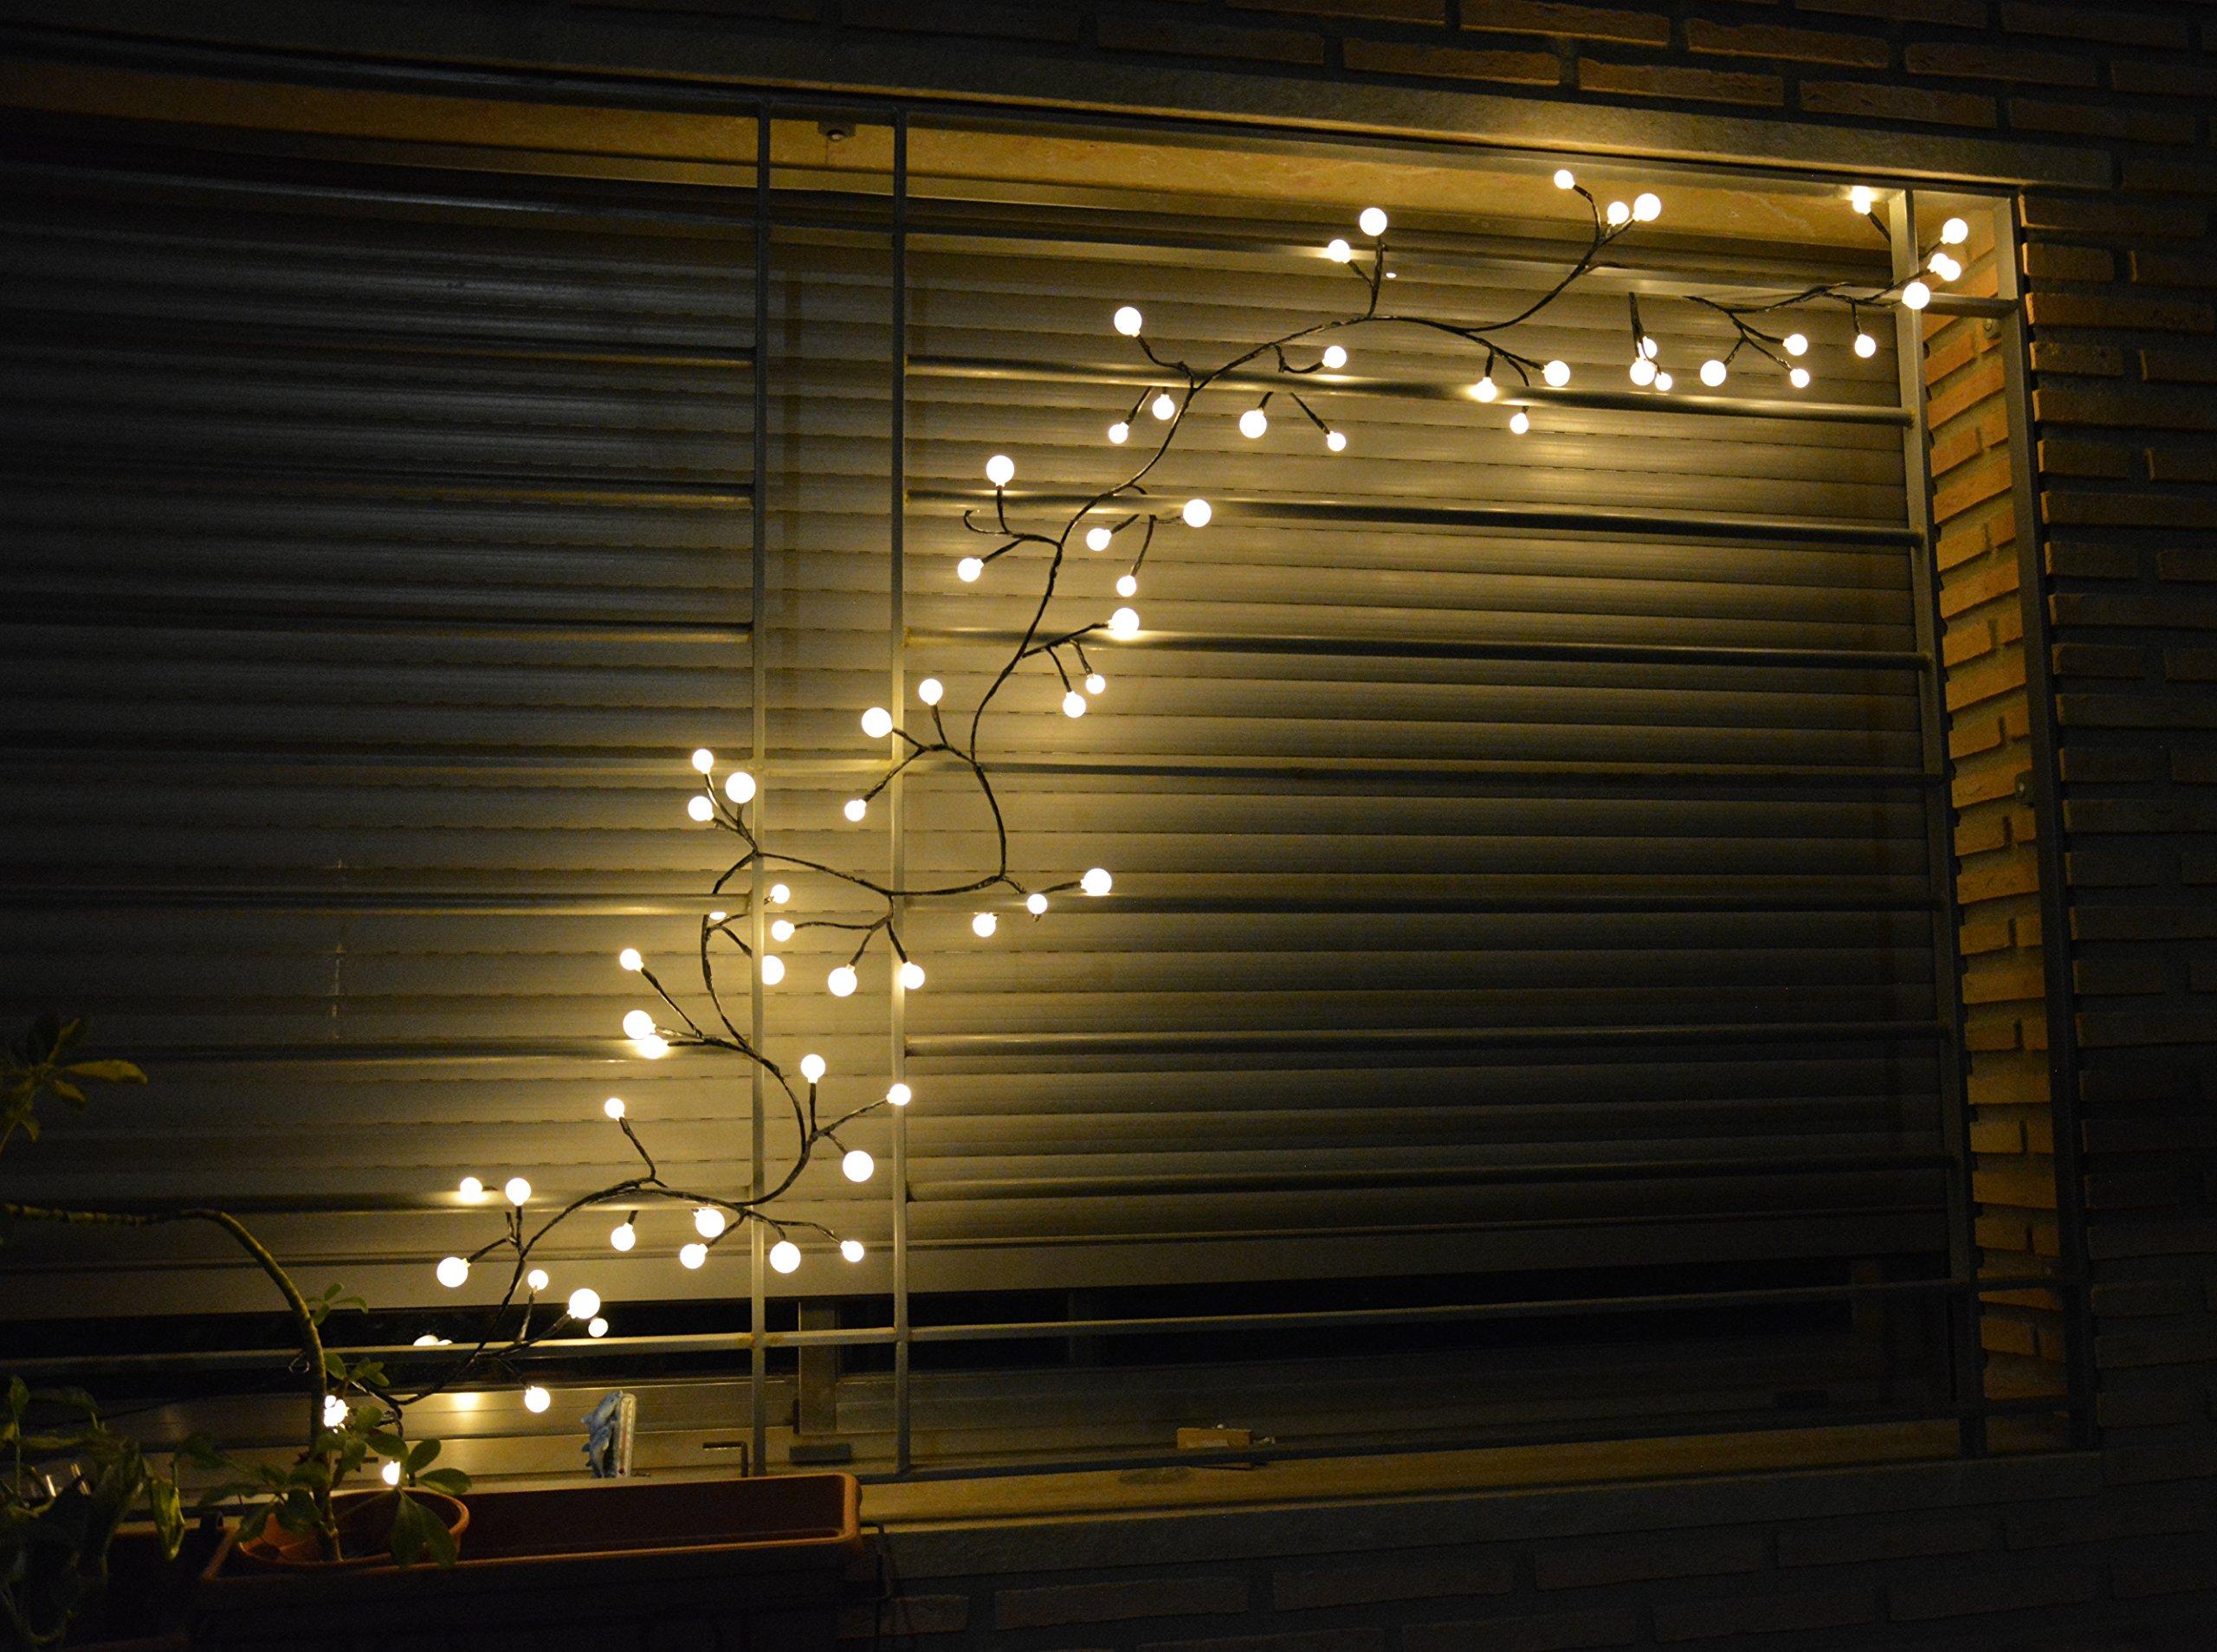 Catene luminose globo led striscia dimmerabile con lampadine chiare